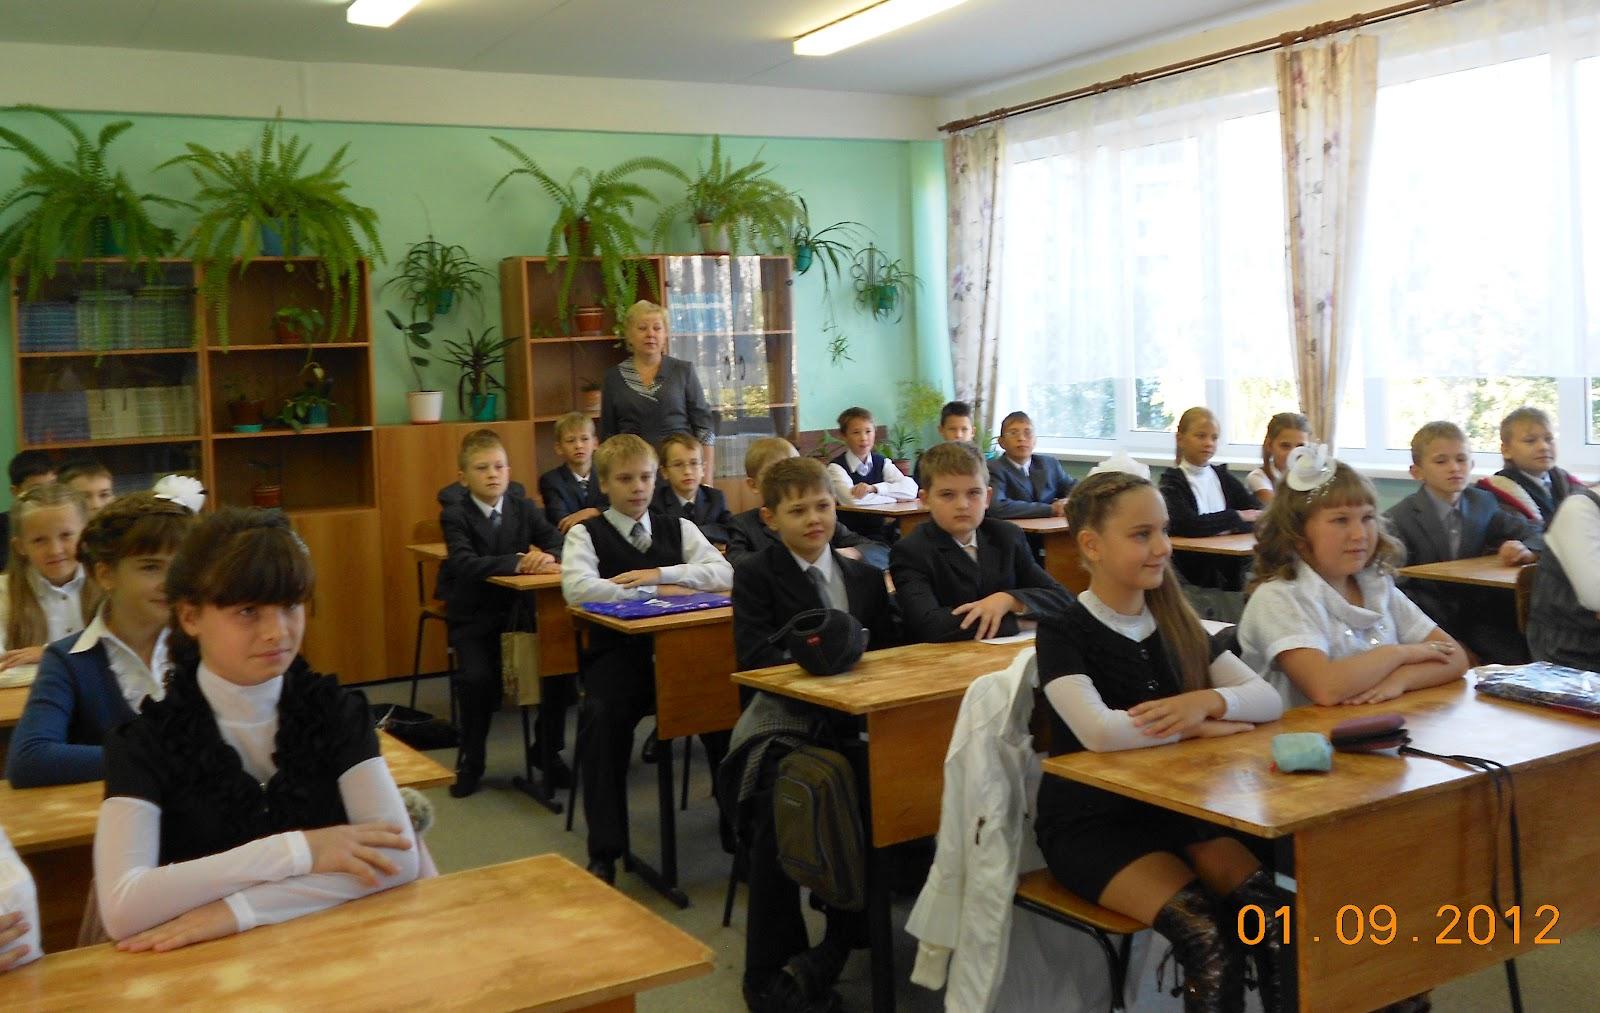 Поздравления пятиклассникам на 1 сентября от учителя фото 439